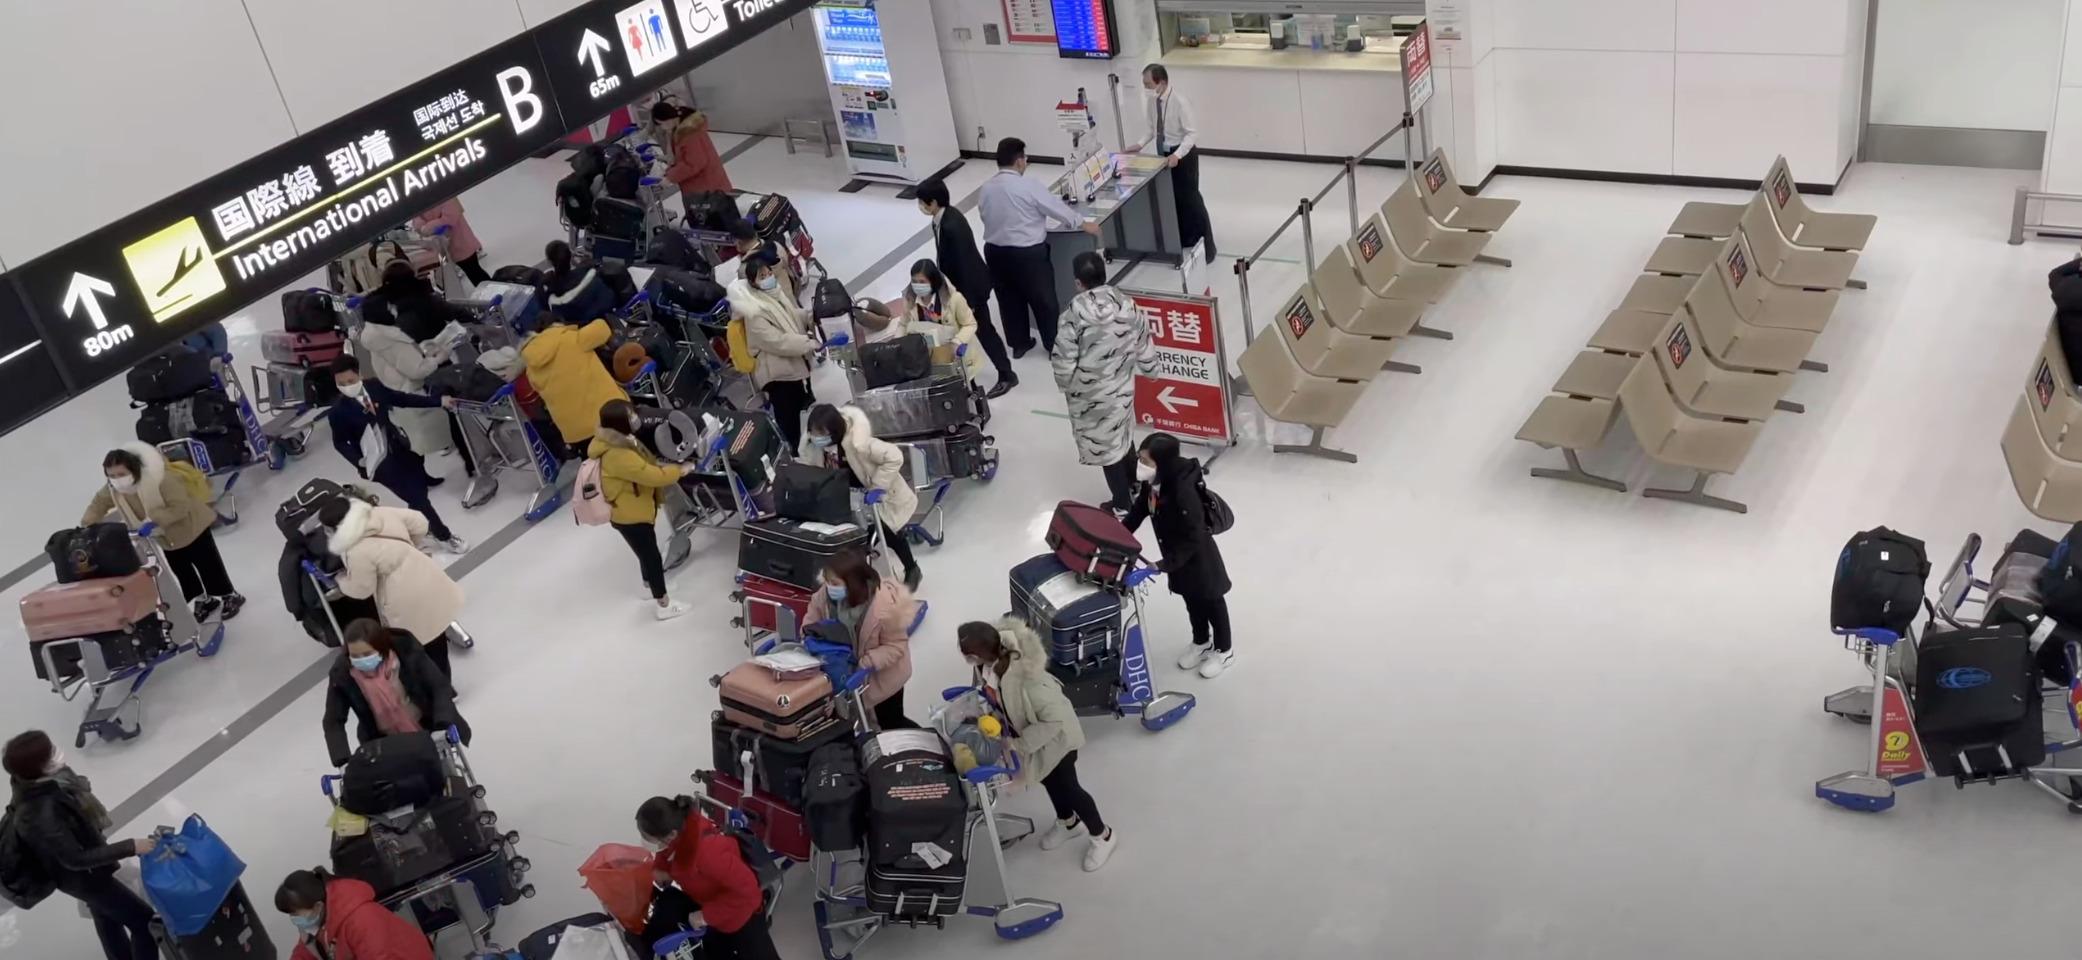 これでいいのか入国制限!国際線到着が一番混んでいる成田空港のようす